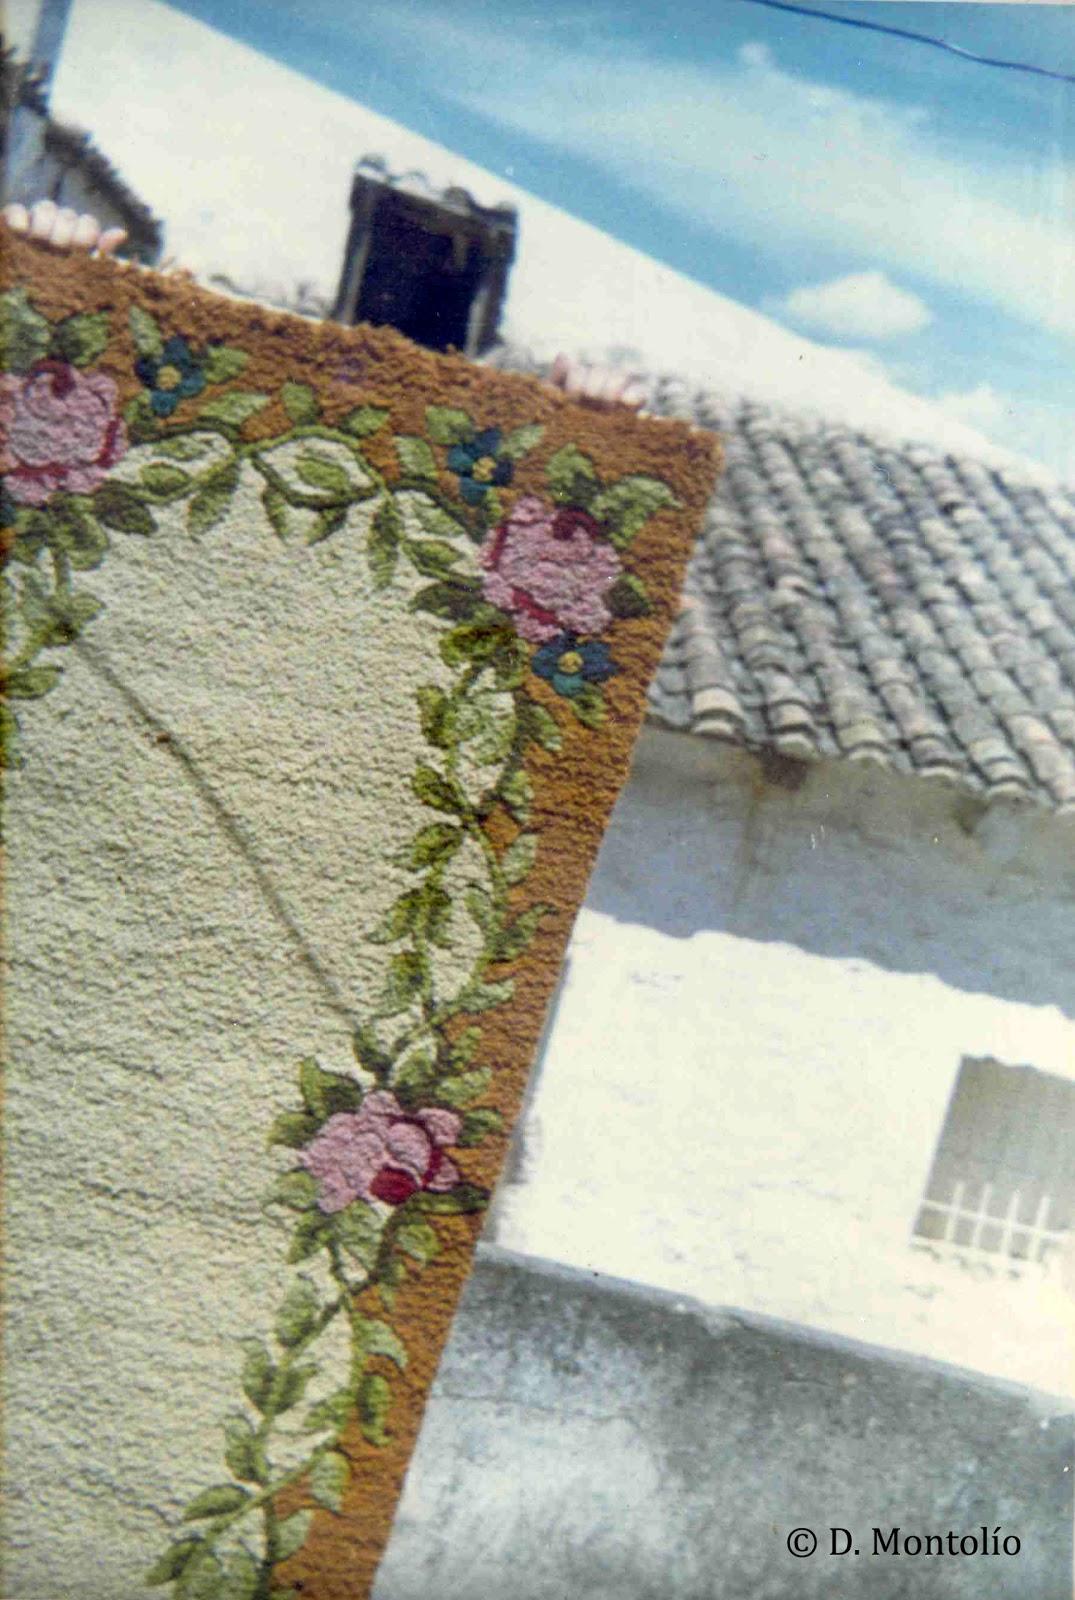 Maestro de rubielos una f brica de alfombras - Fabricantes de alfombras ...